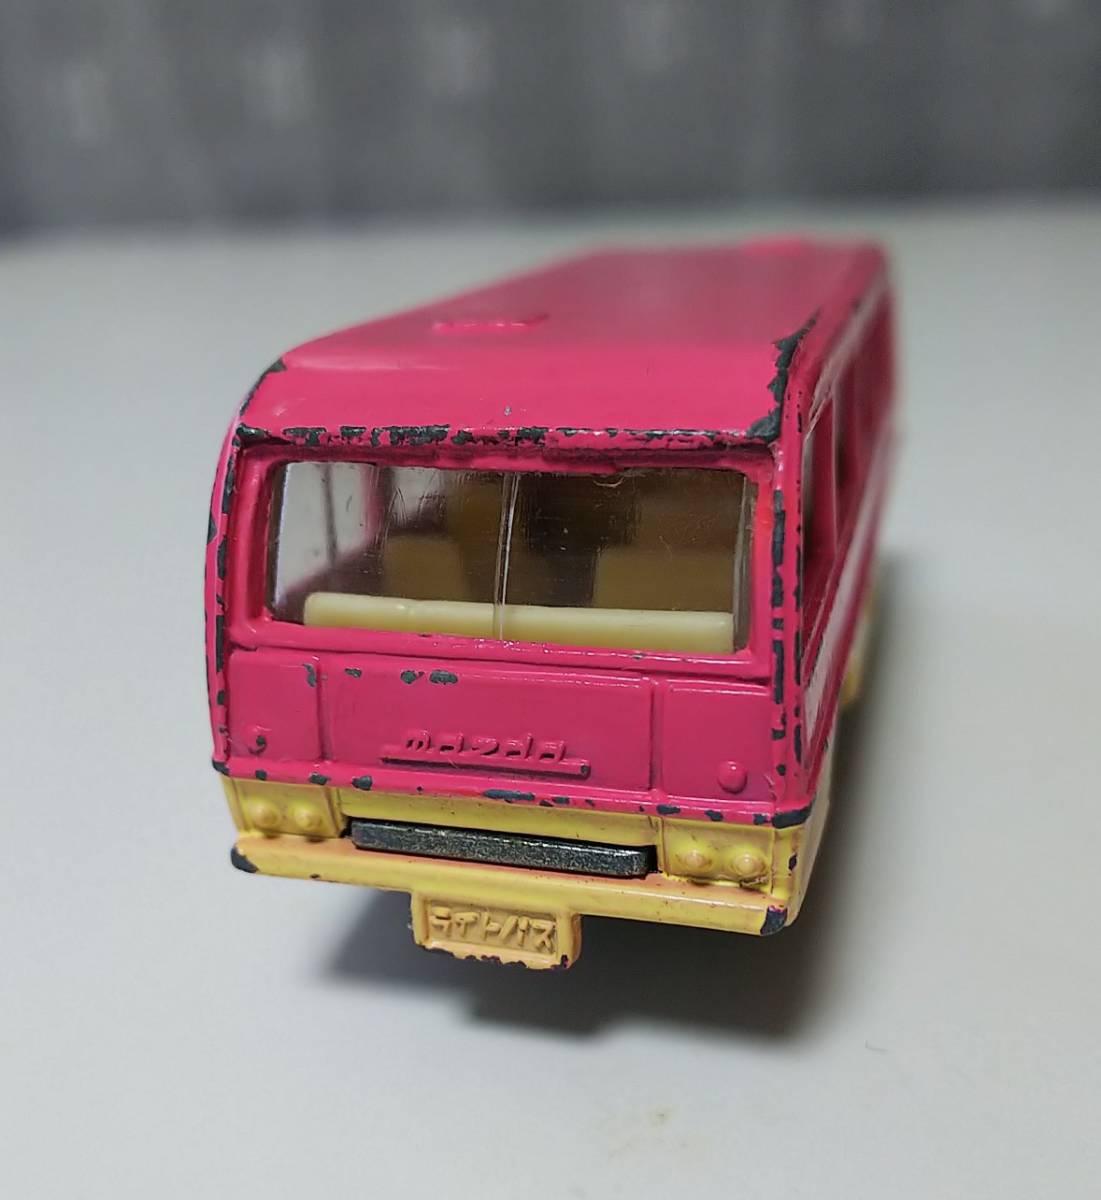 トミカ 46 マツダライトバス 旧ホイール 日本製 箱なし ジャンク 現状品 _画像5